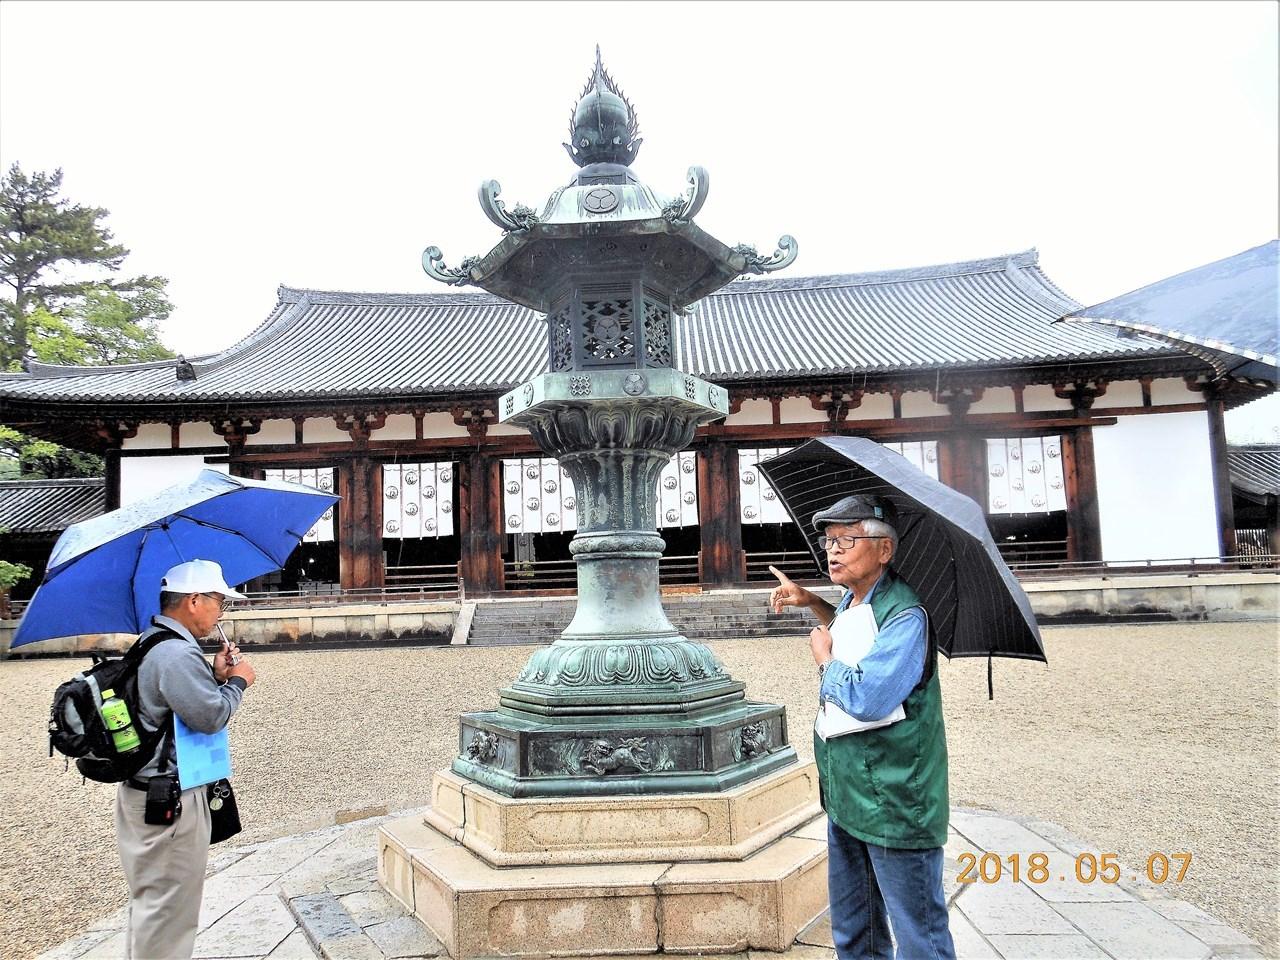 s-桂昌院の灯籠を説明するガイドの池田さん